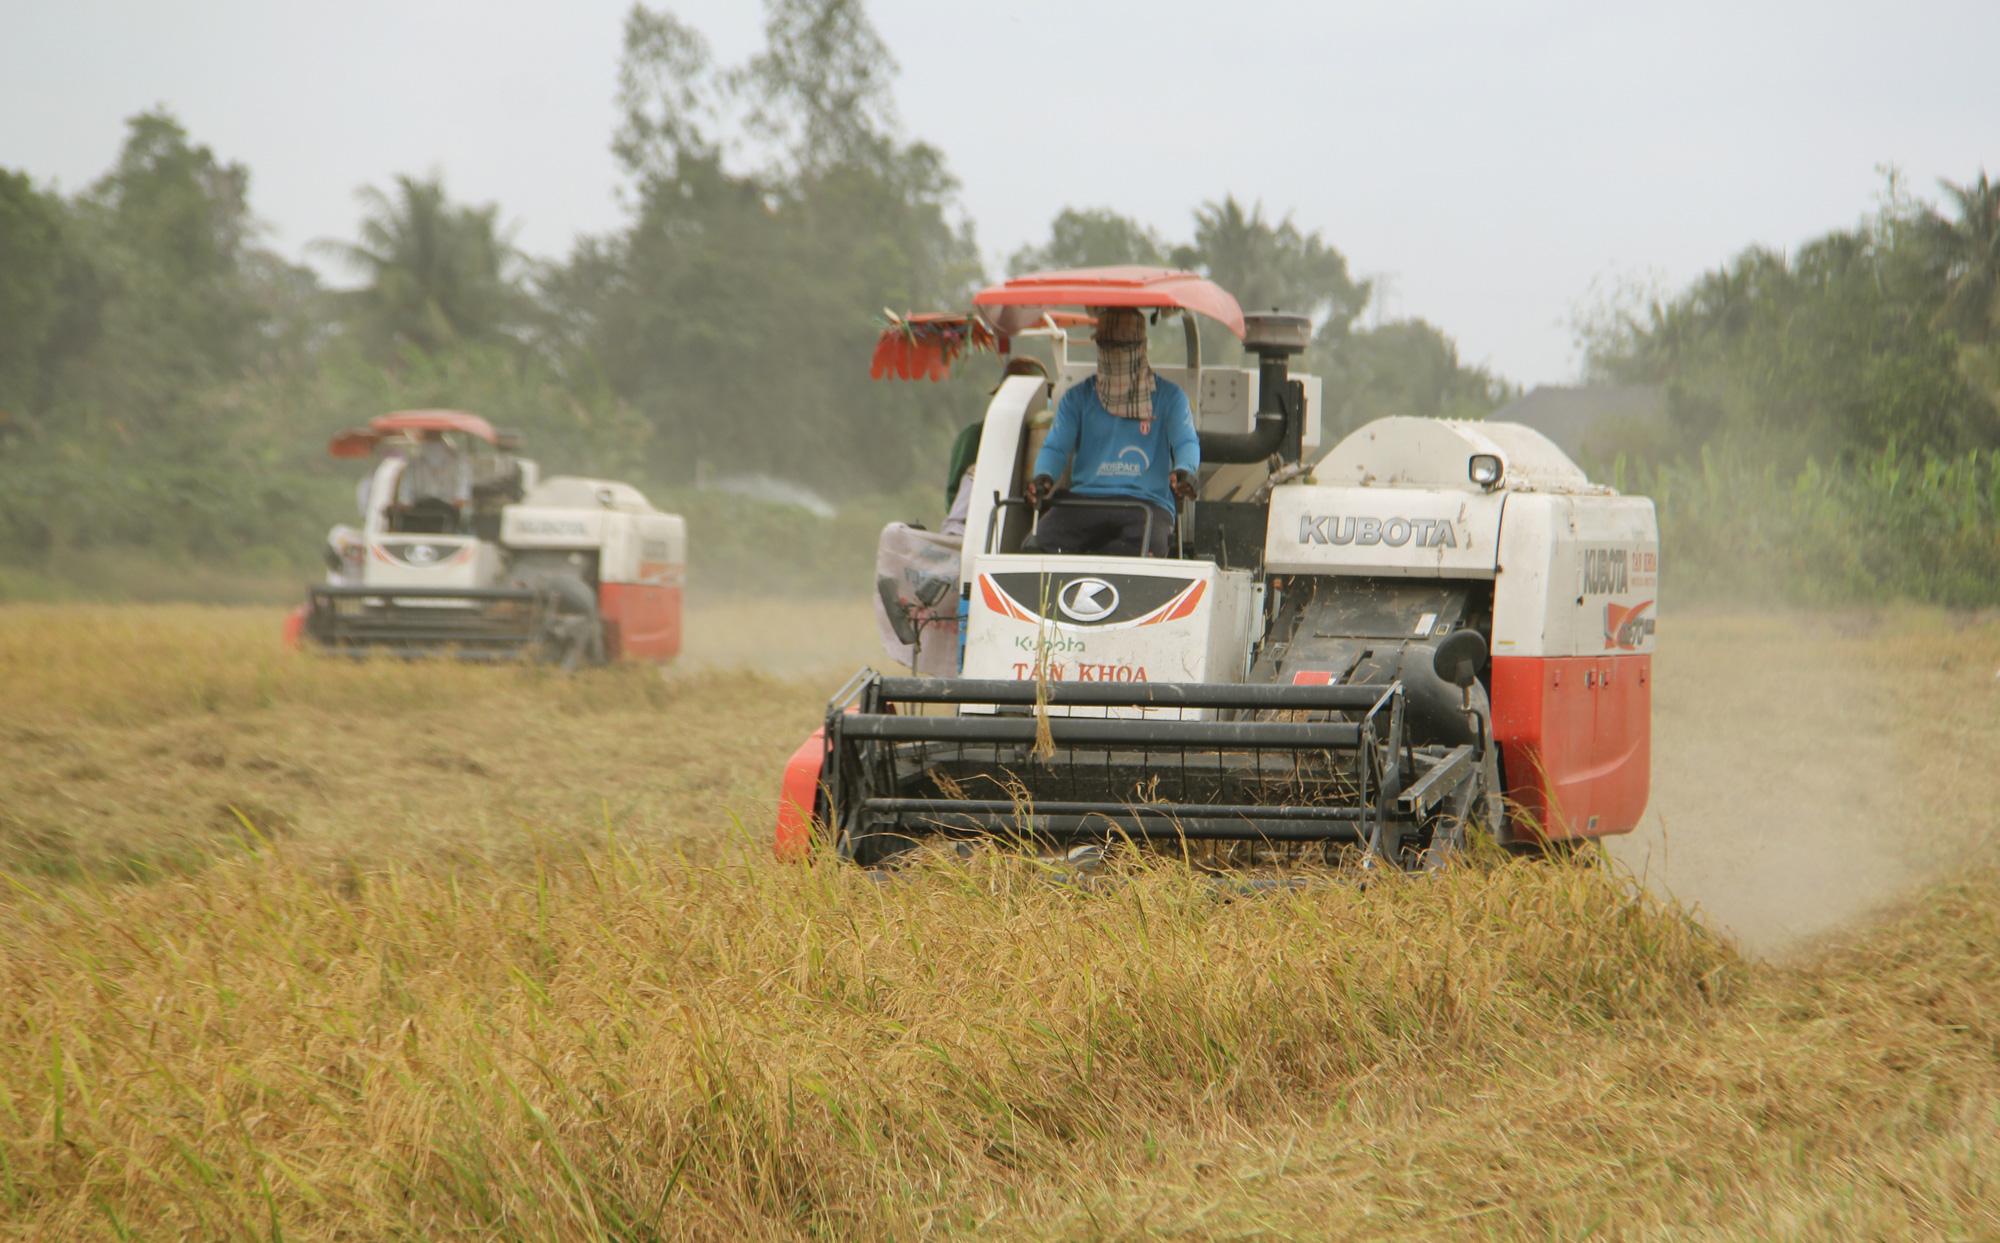 EU cấp hạn ngạch 80.000 tấn gạo/năm cho Việt Nam, xuất khẩu gạo sang EU cần điều kiện gì? - Ảnh 1.